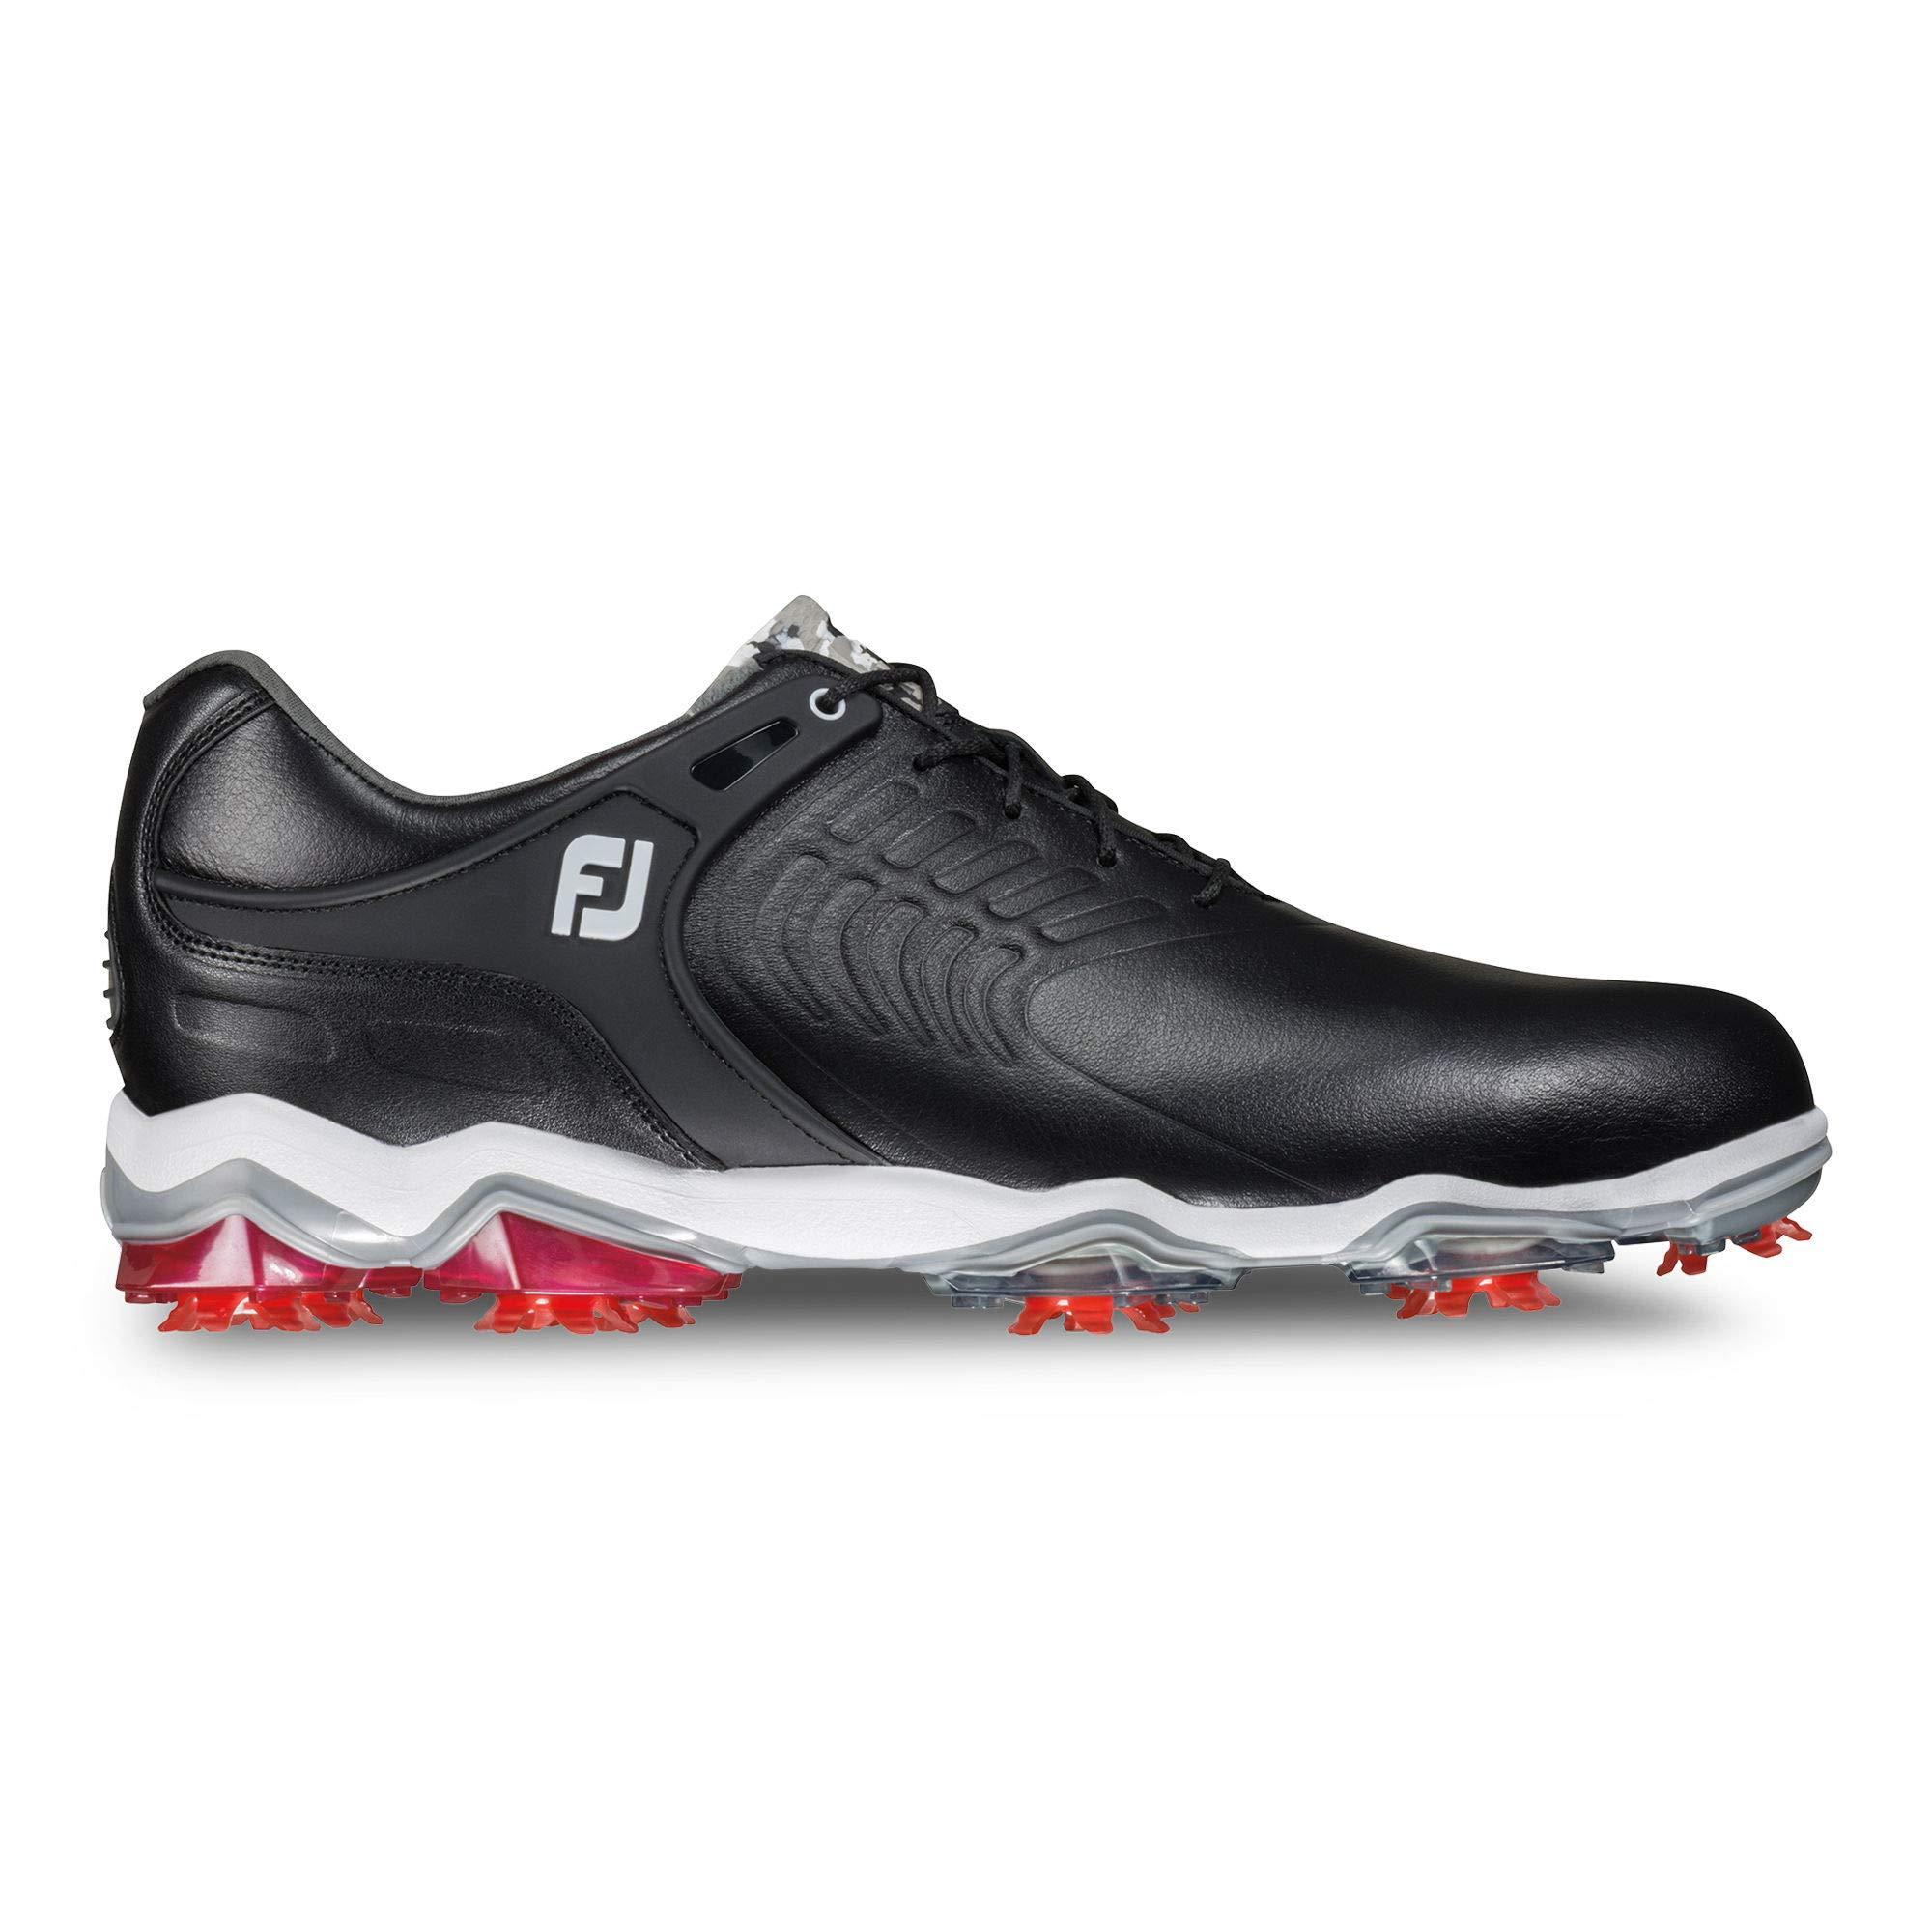 FootJoy Men's Tour-S Golf Shoes Black 8 M US by FootJoy